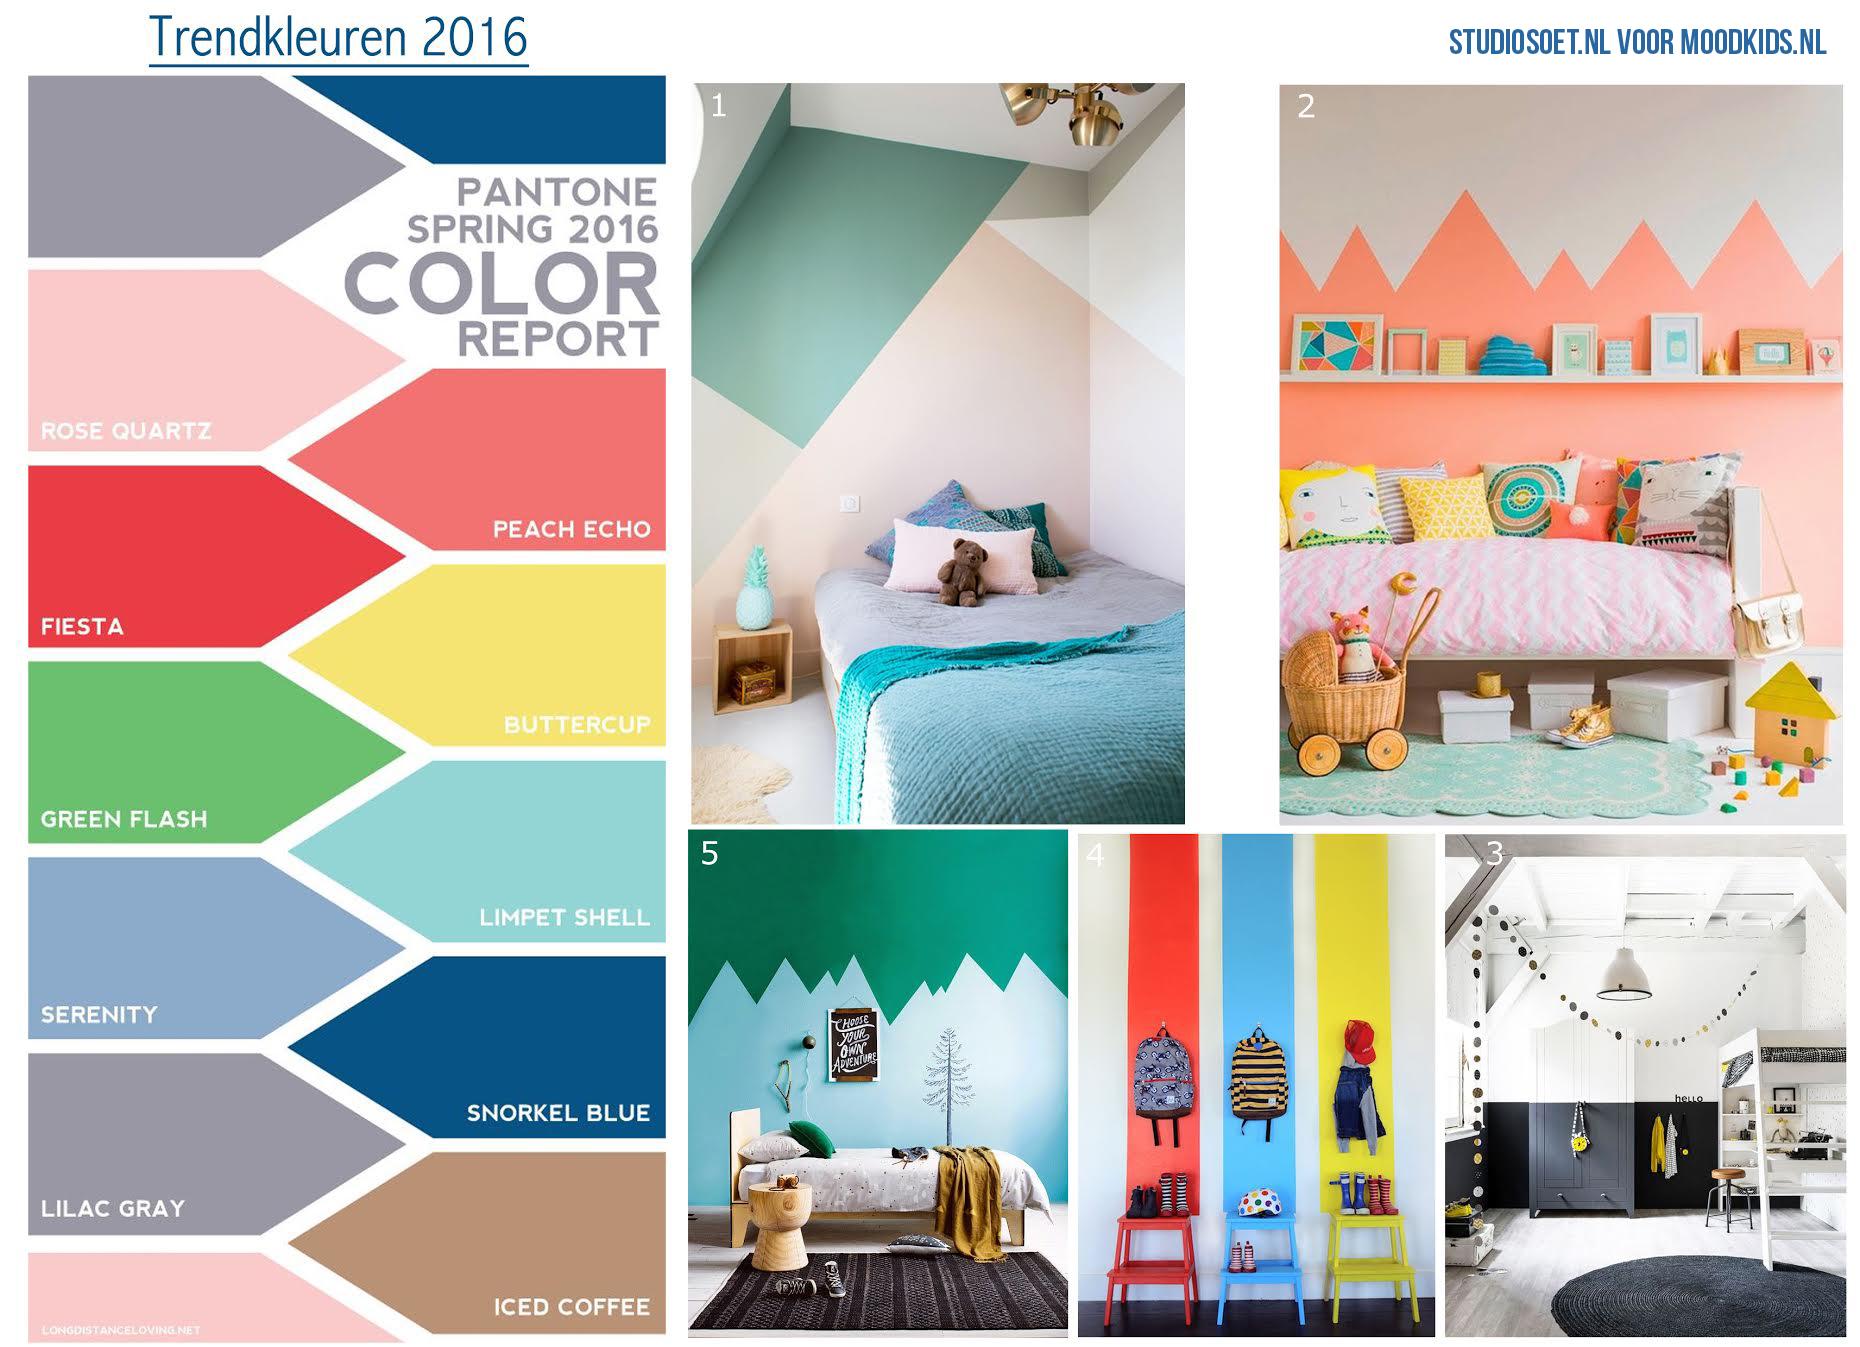 Verf inspiratie kinderkamer en de trendkleuren van 2016